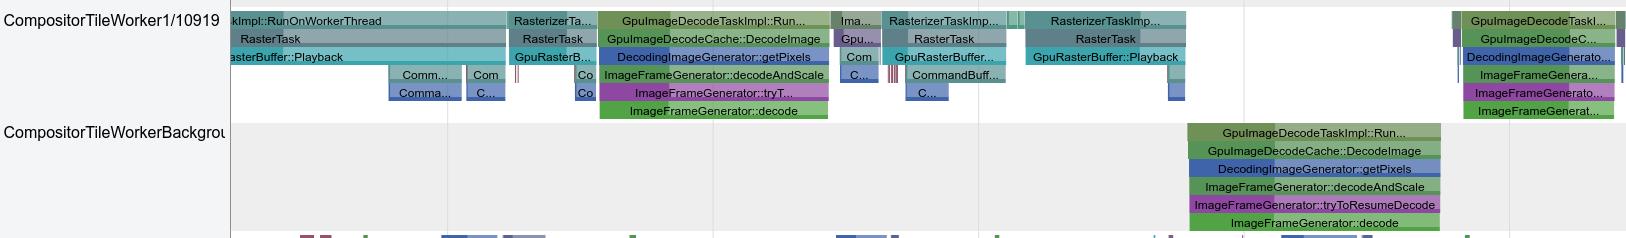 光栅化线程的图片解码任务